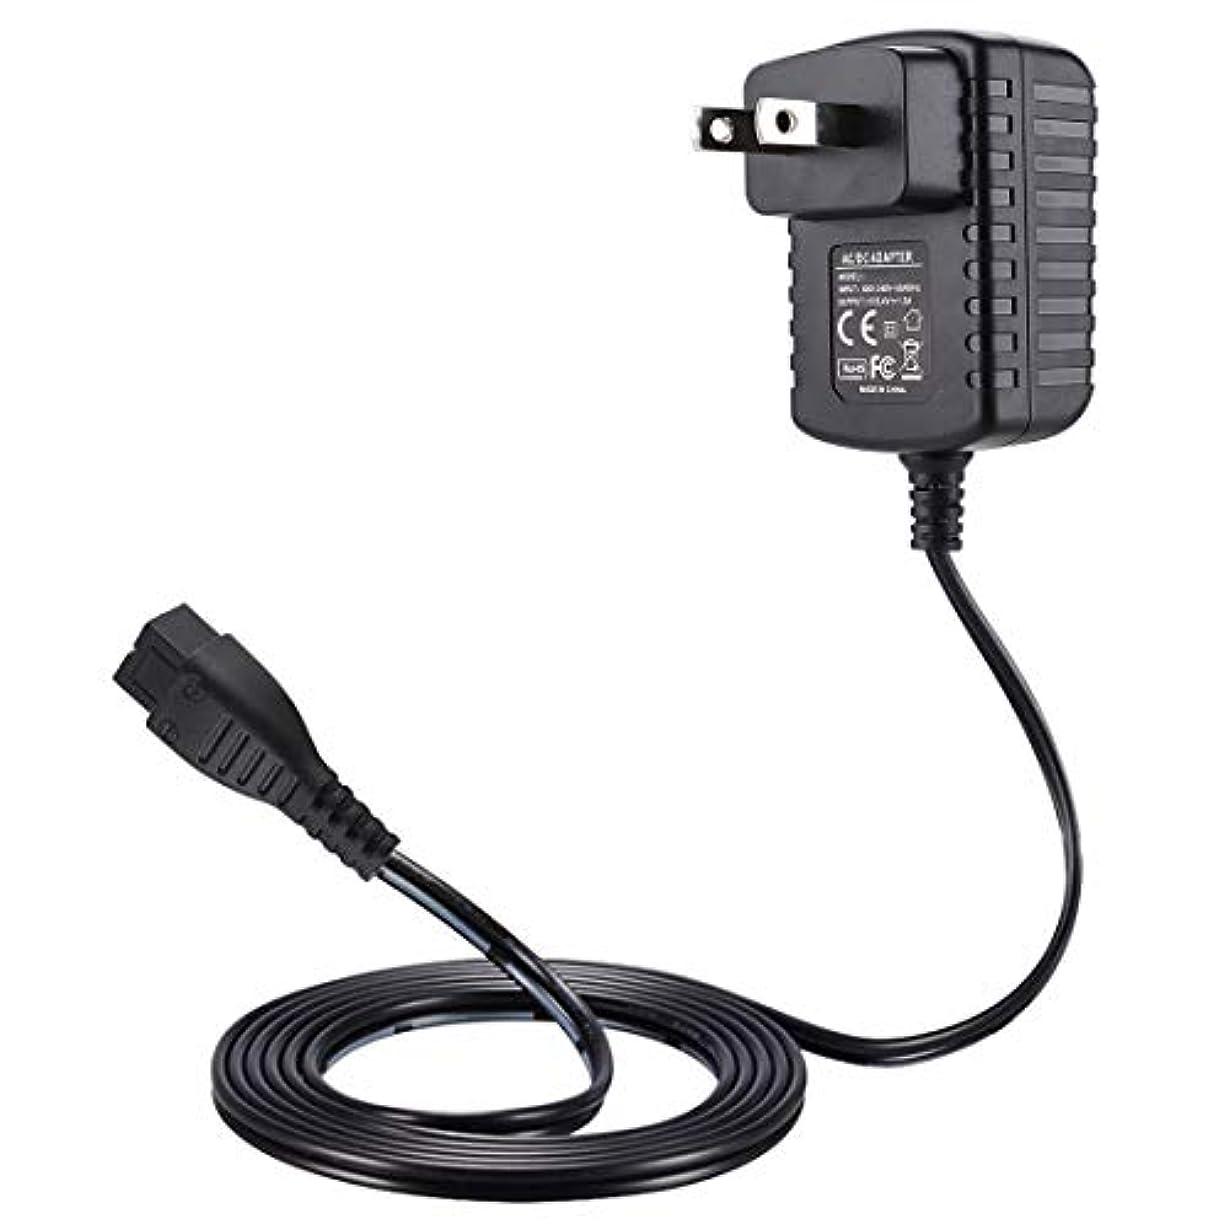 ホームレス空中排泄するPunasi パナソニック シェーバー対応 5.4V 1.2A Panasonic対応 ACアダプター DCアダプター 5.4V電源アダプター交換用充電器 ES7000 ES8000 シリーズ ES8232 ES8237...